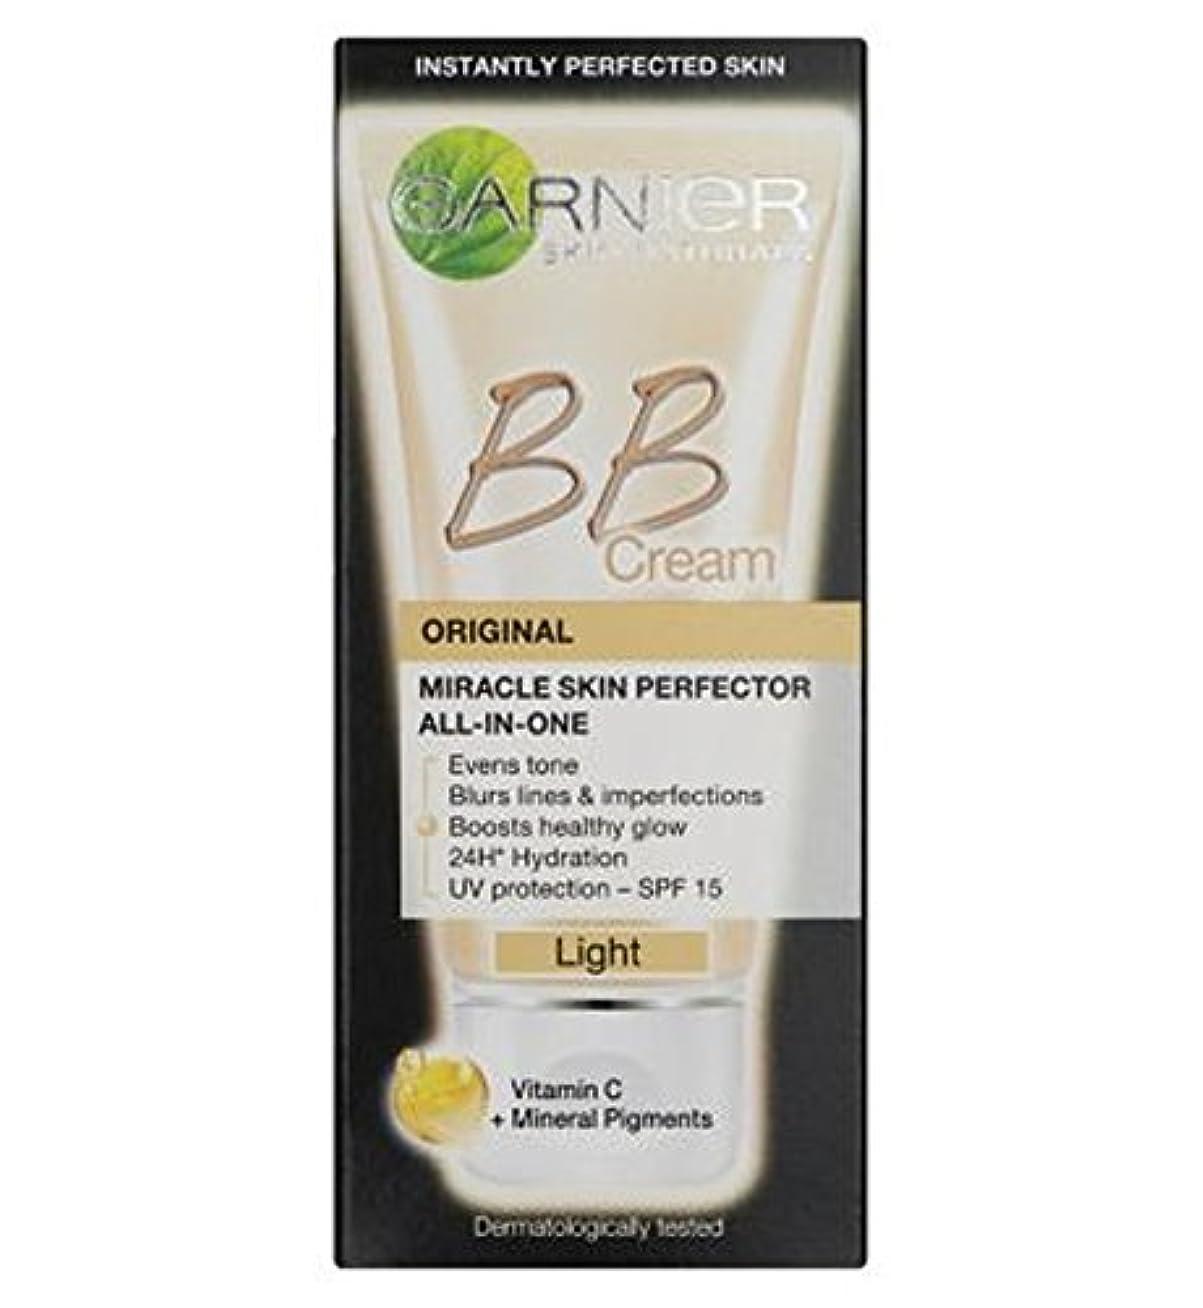 アサート年金受給者スラム毎日オールインワンB.B.ガルニエスキンパーフェク傷バームクリームライト50ミリリットル (Garnier) (x2) - Garnier Skin Perfector Daily All-In-One B.B. Blemish...